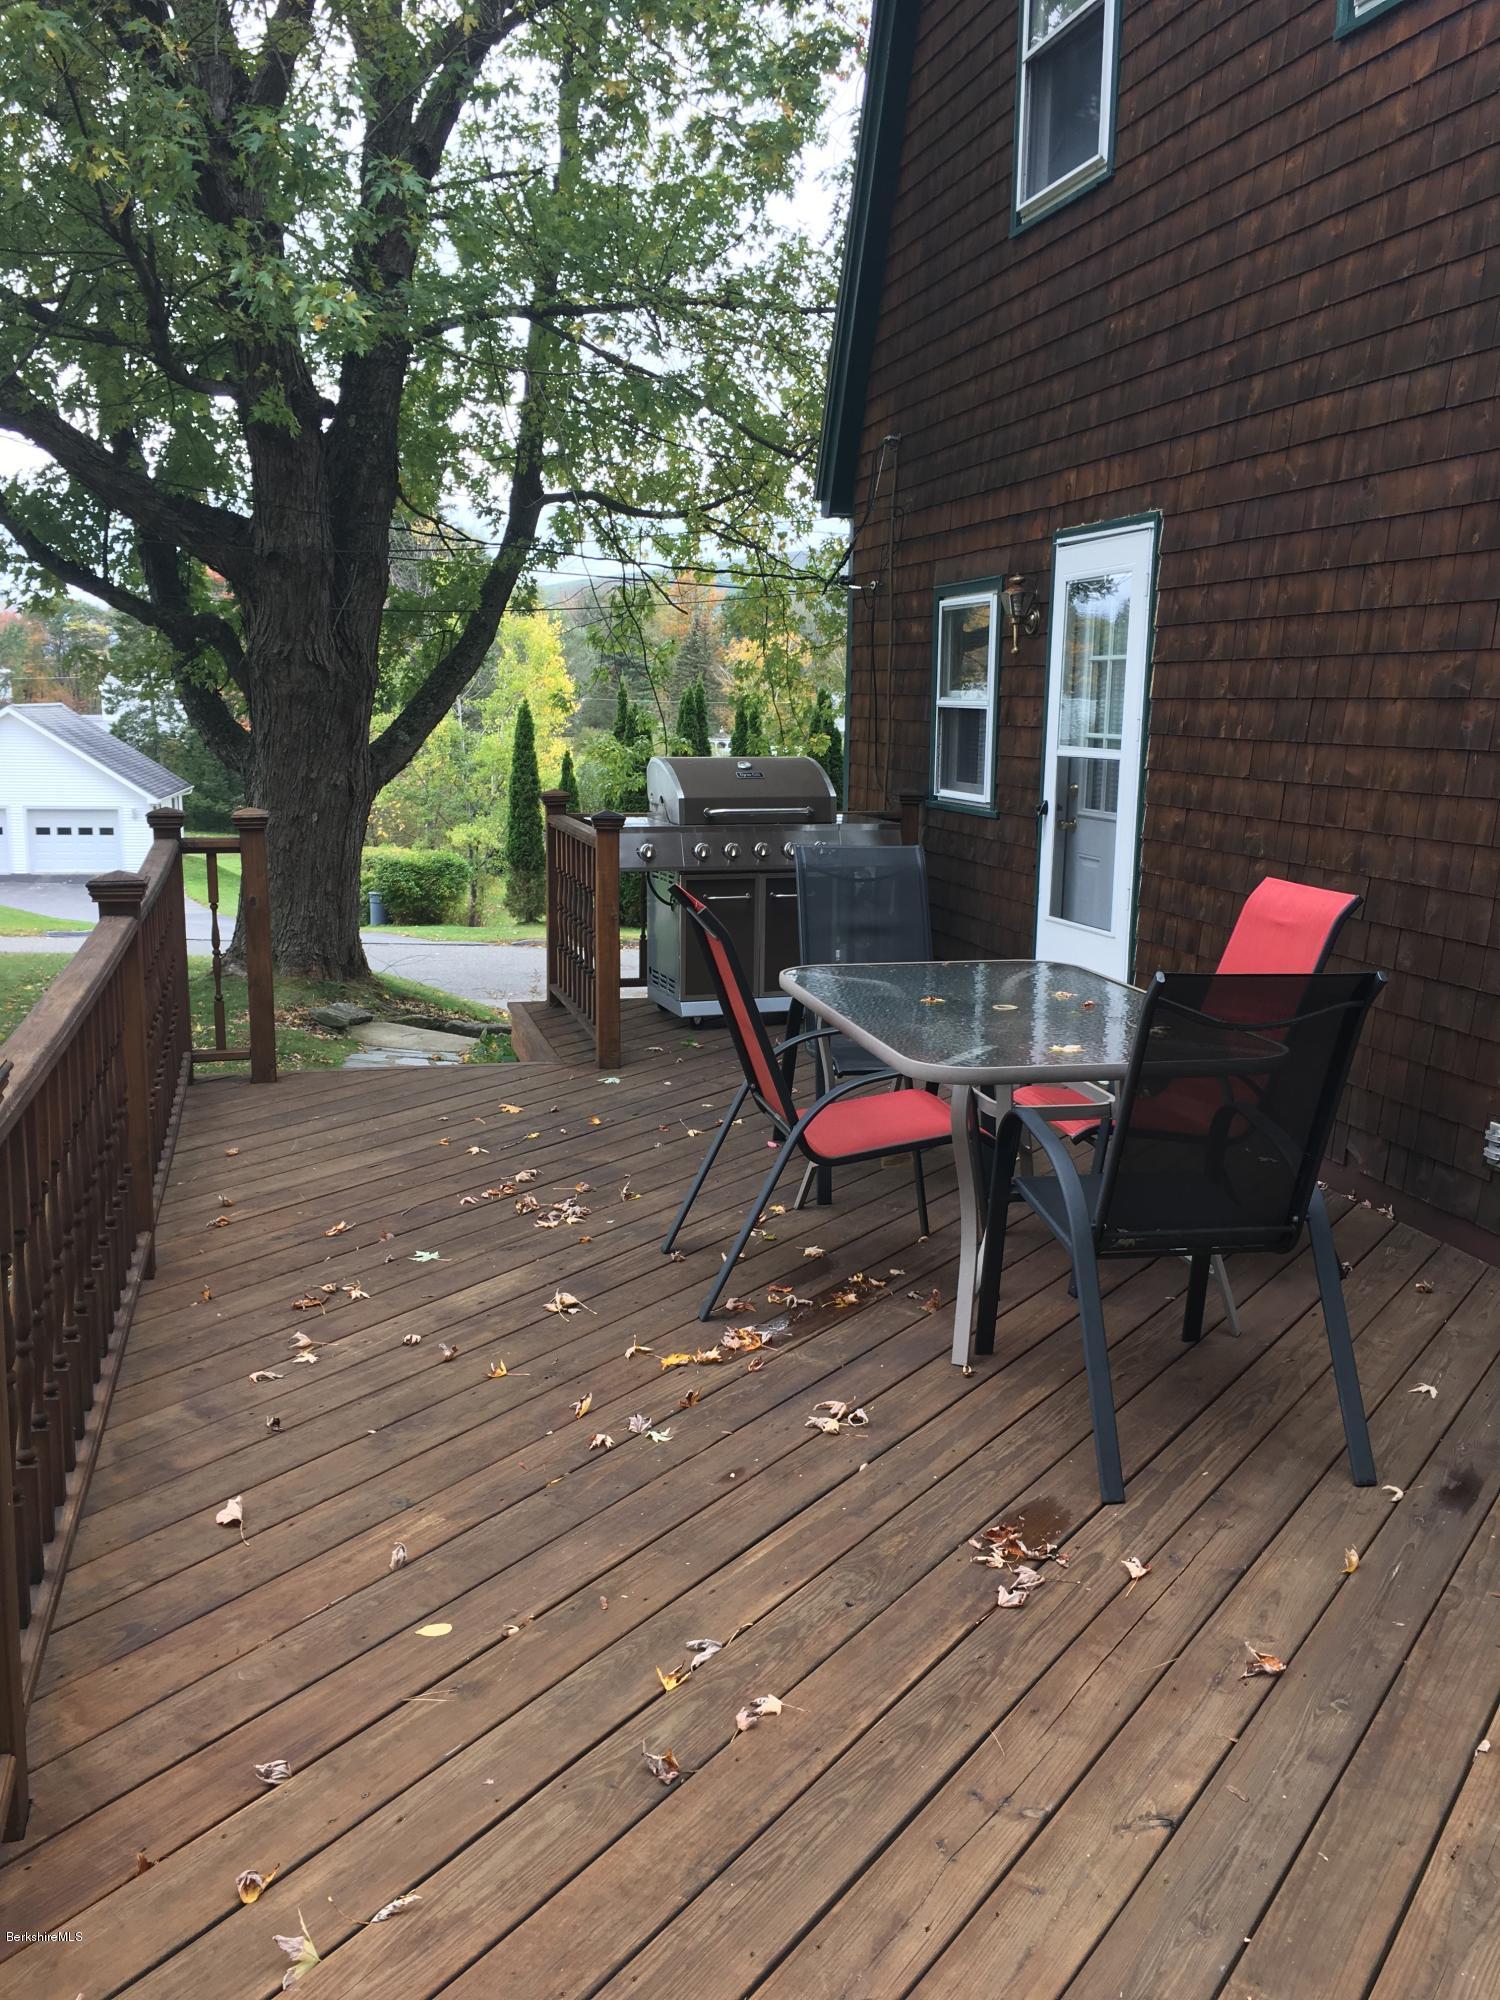 59 Brooks Hts, Clarksburg, MA 01247 - Berkshire Hearth Realty